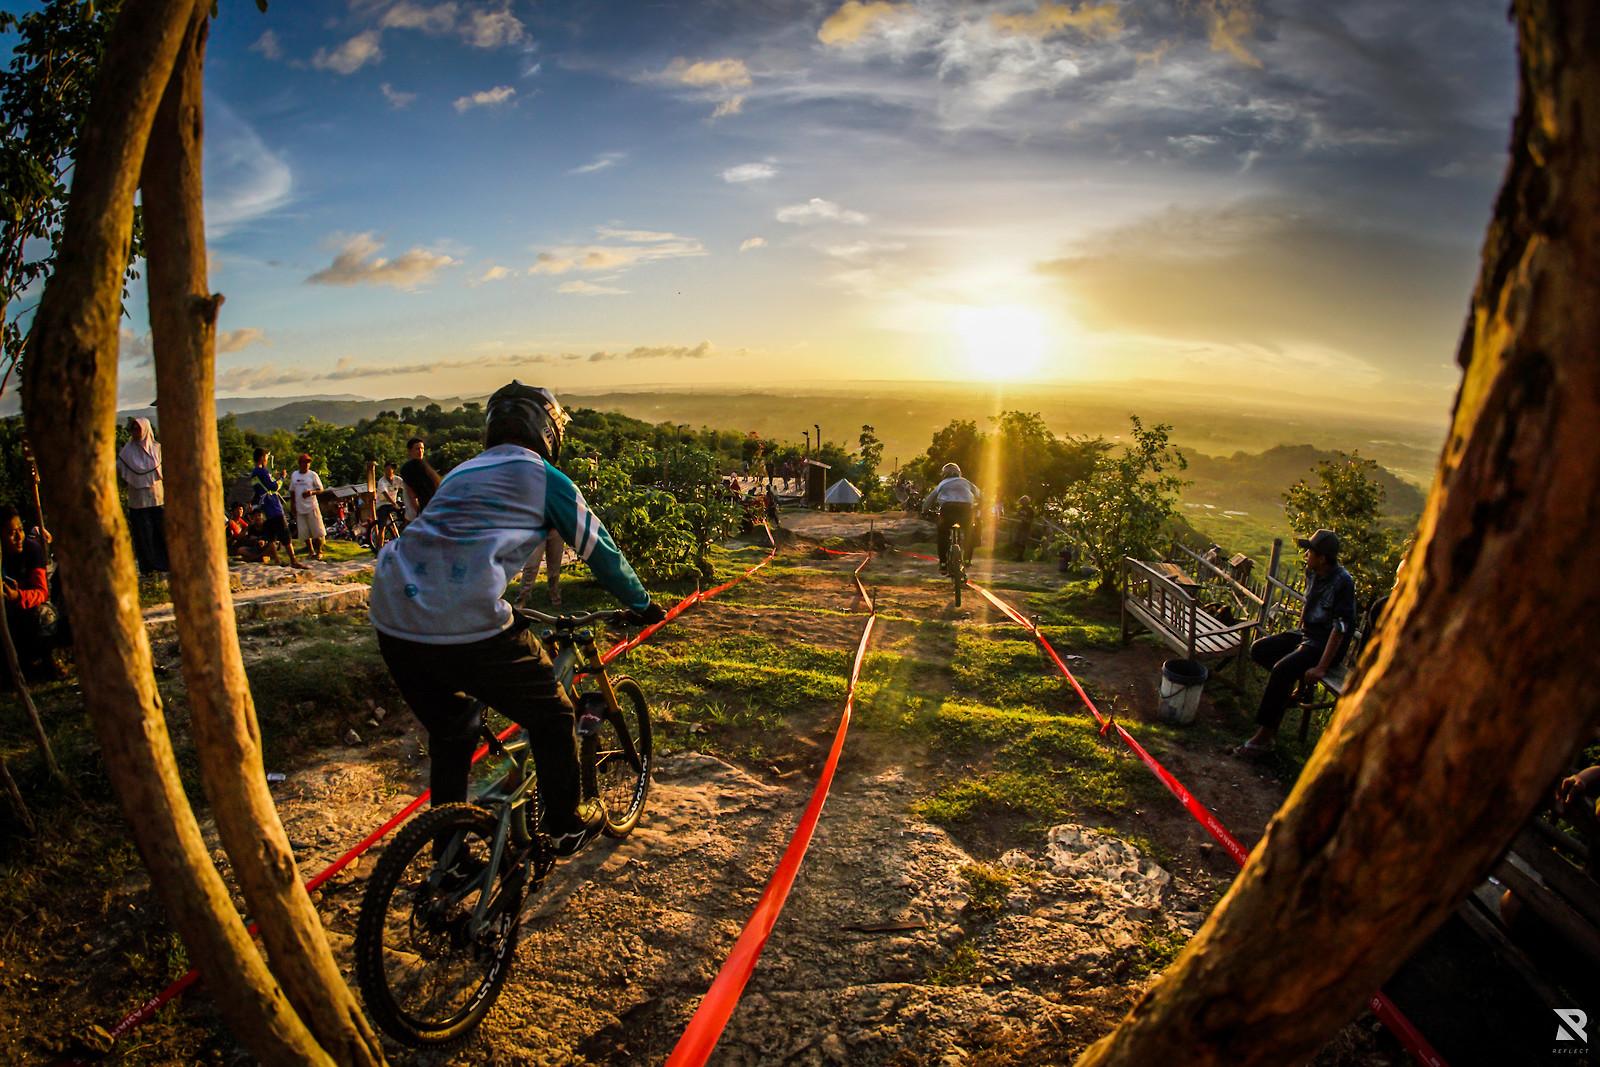 Sunset ride - RezaAkhmad - Mountain Biking Pictures - Vital MTB